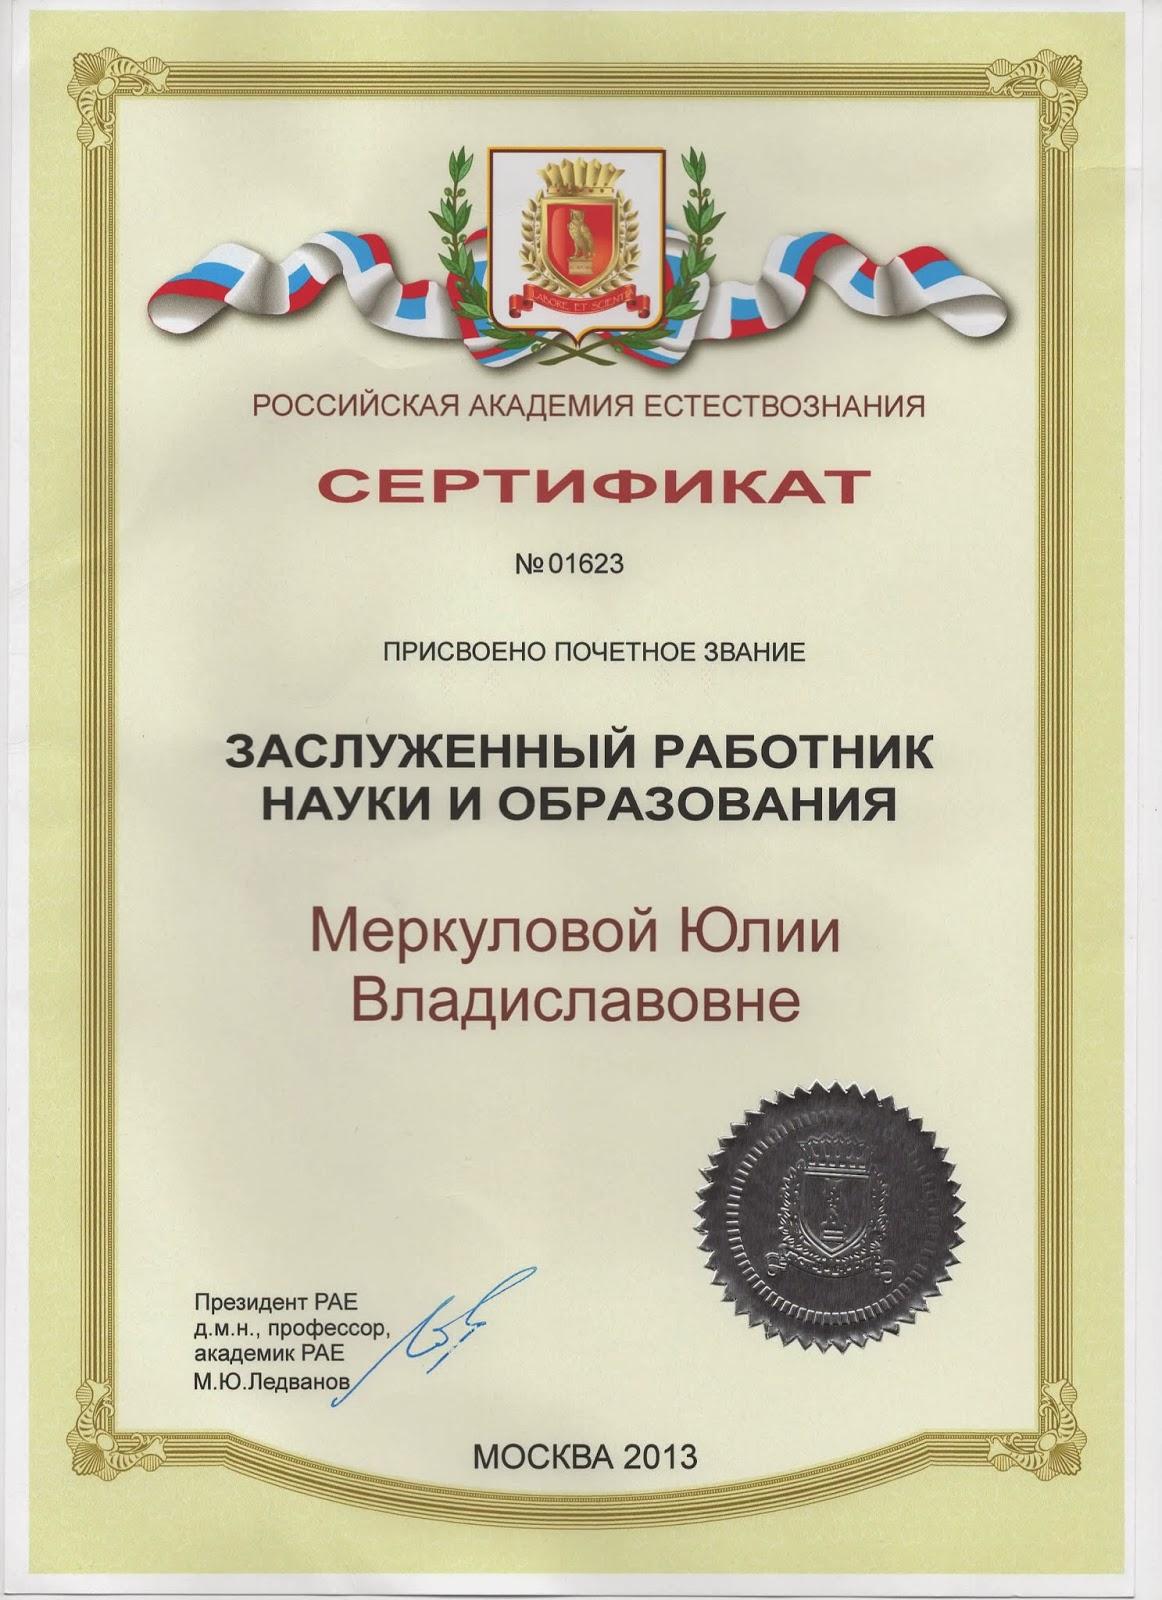 Поздравление к повышению звания